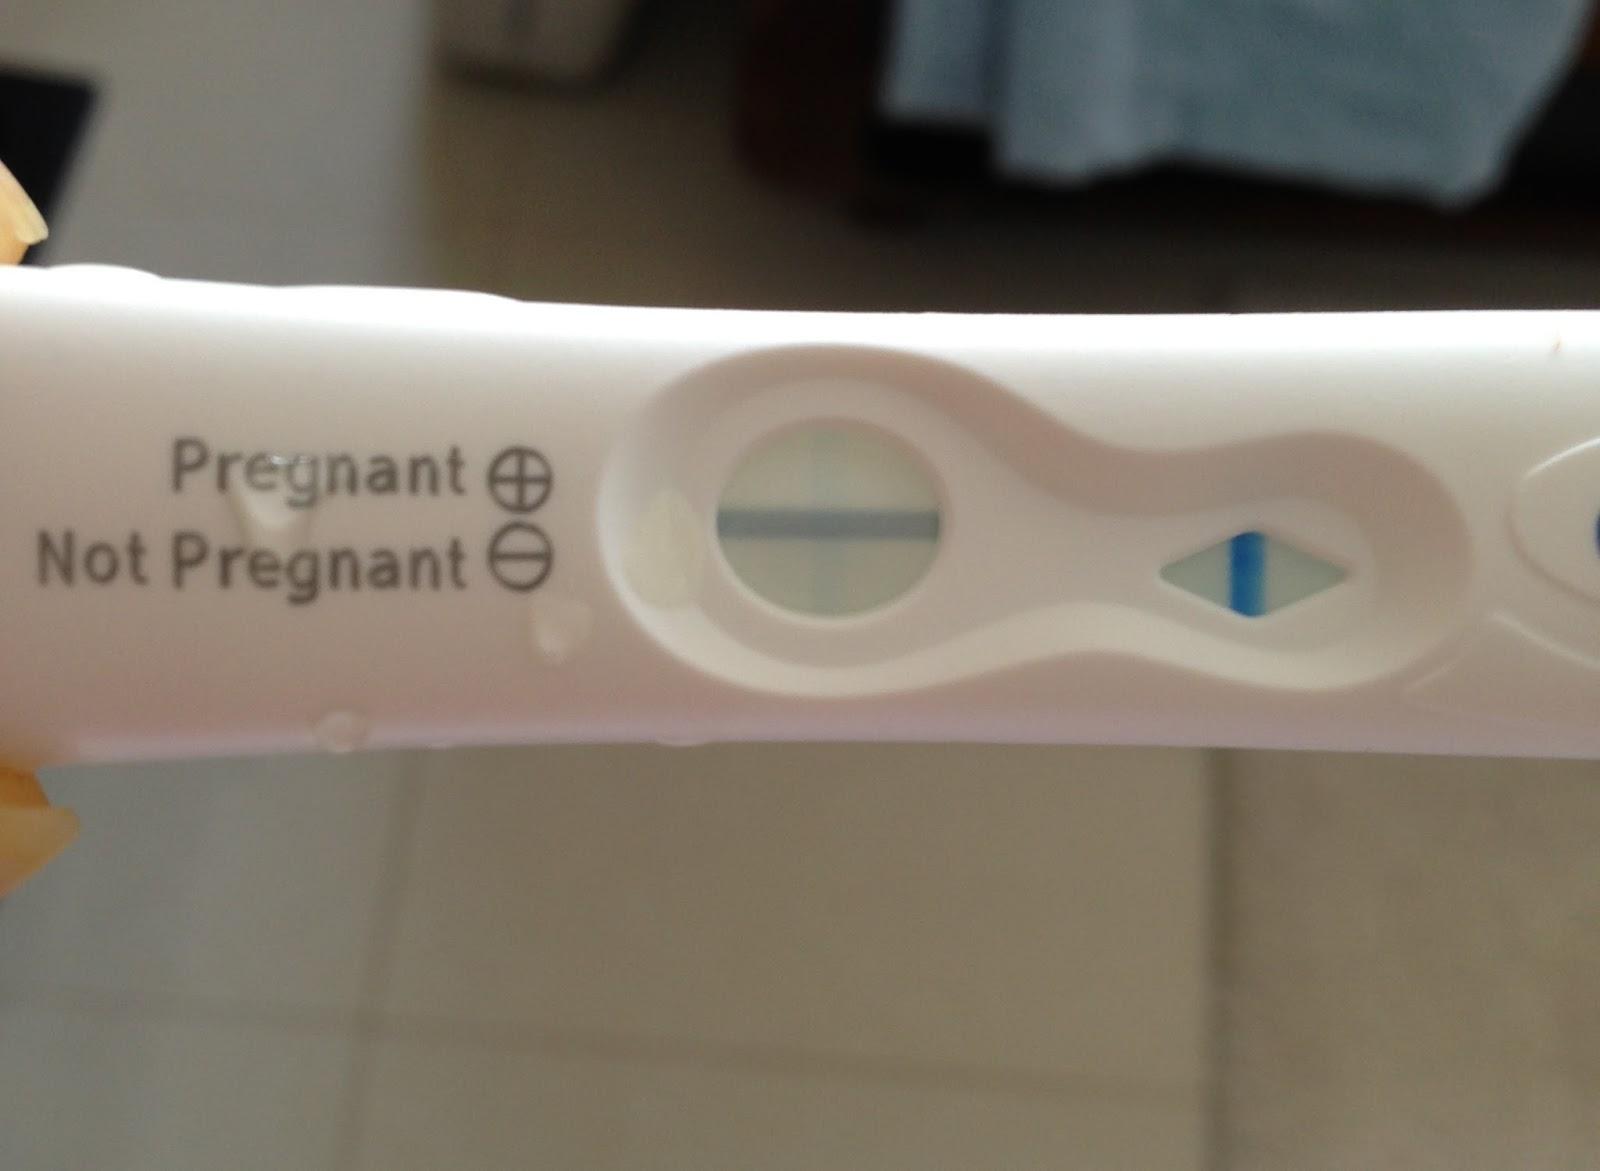 Clear Blue Pregnancy Test Very Faint Vertical Line - Pregnancy Symptoms